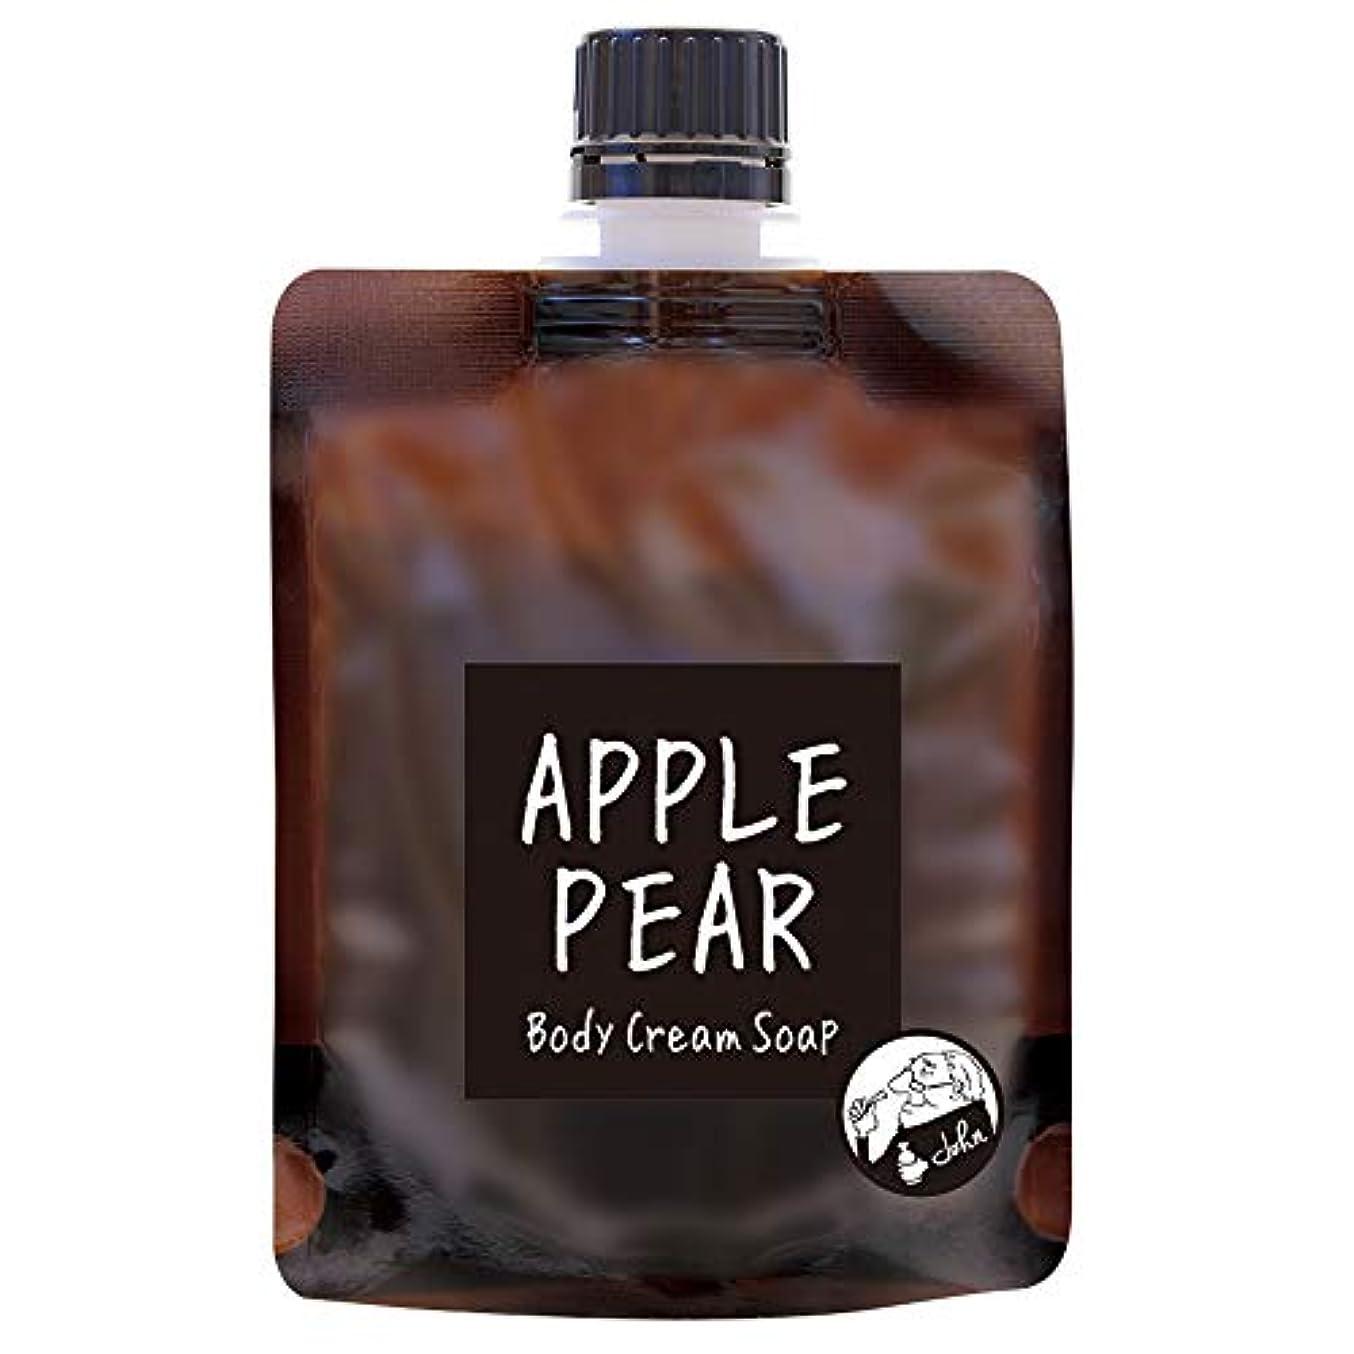 むしゃむしゃ生物学進むノルコーポレーション John's Blend ボディクリームソープ 保湿成分配合 OA-JON-19-4 ボディソープ アップルペアーの香り 100g